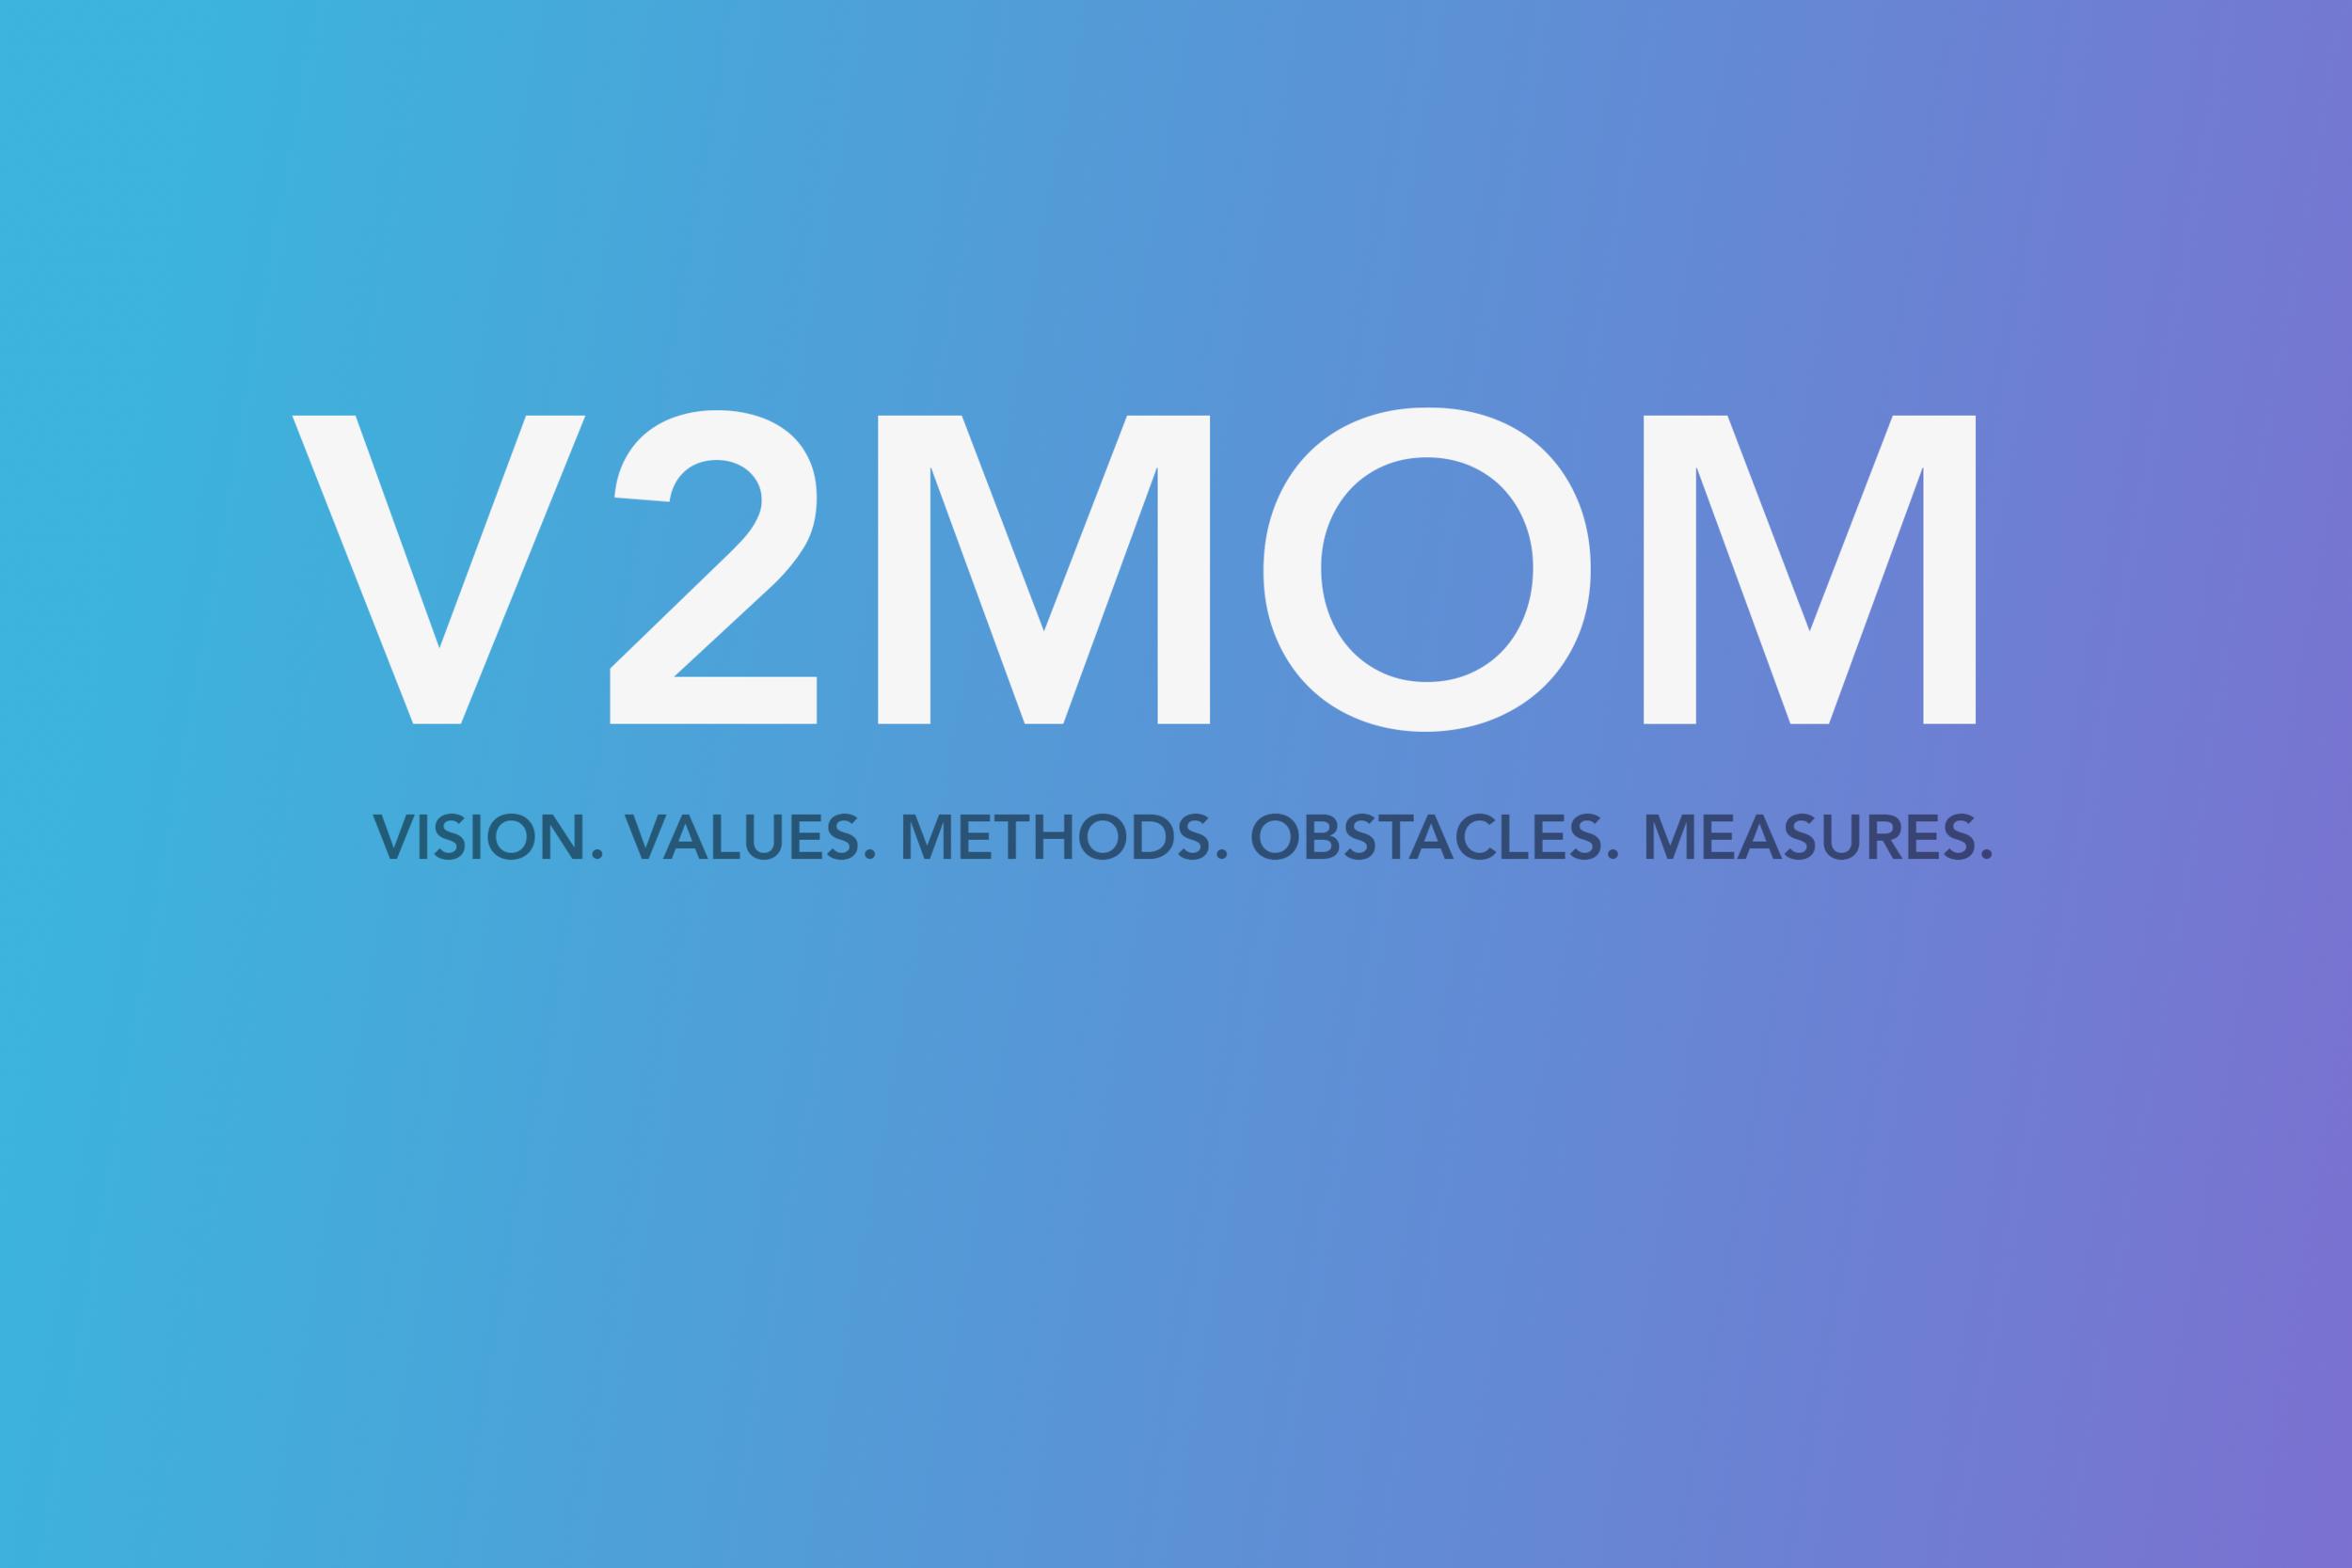 V2MOM aligning company goals